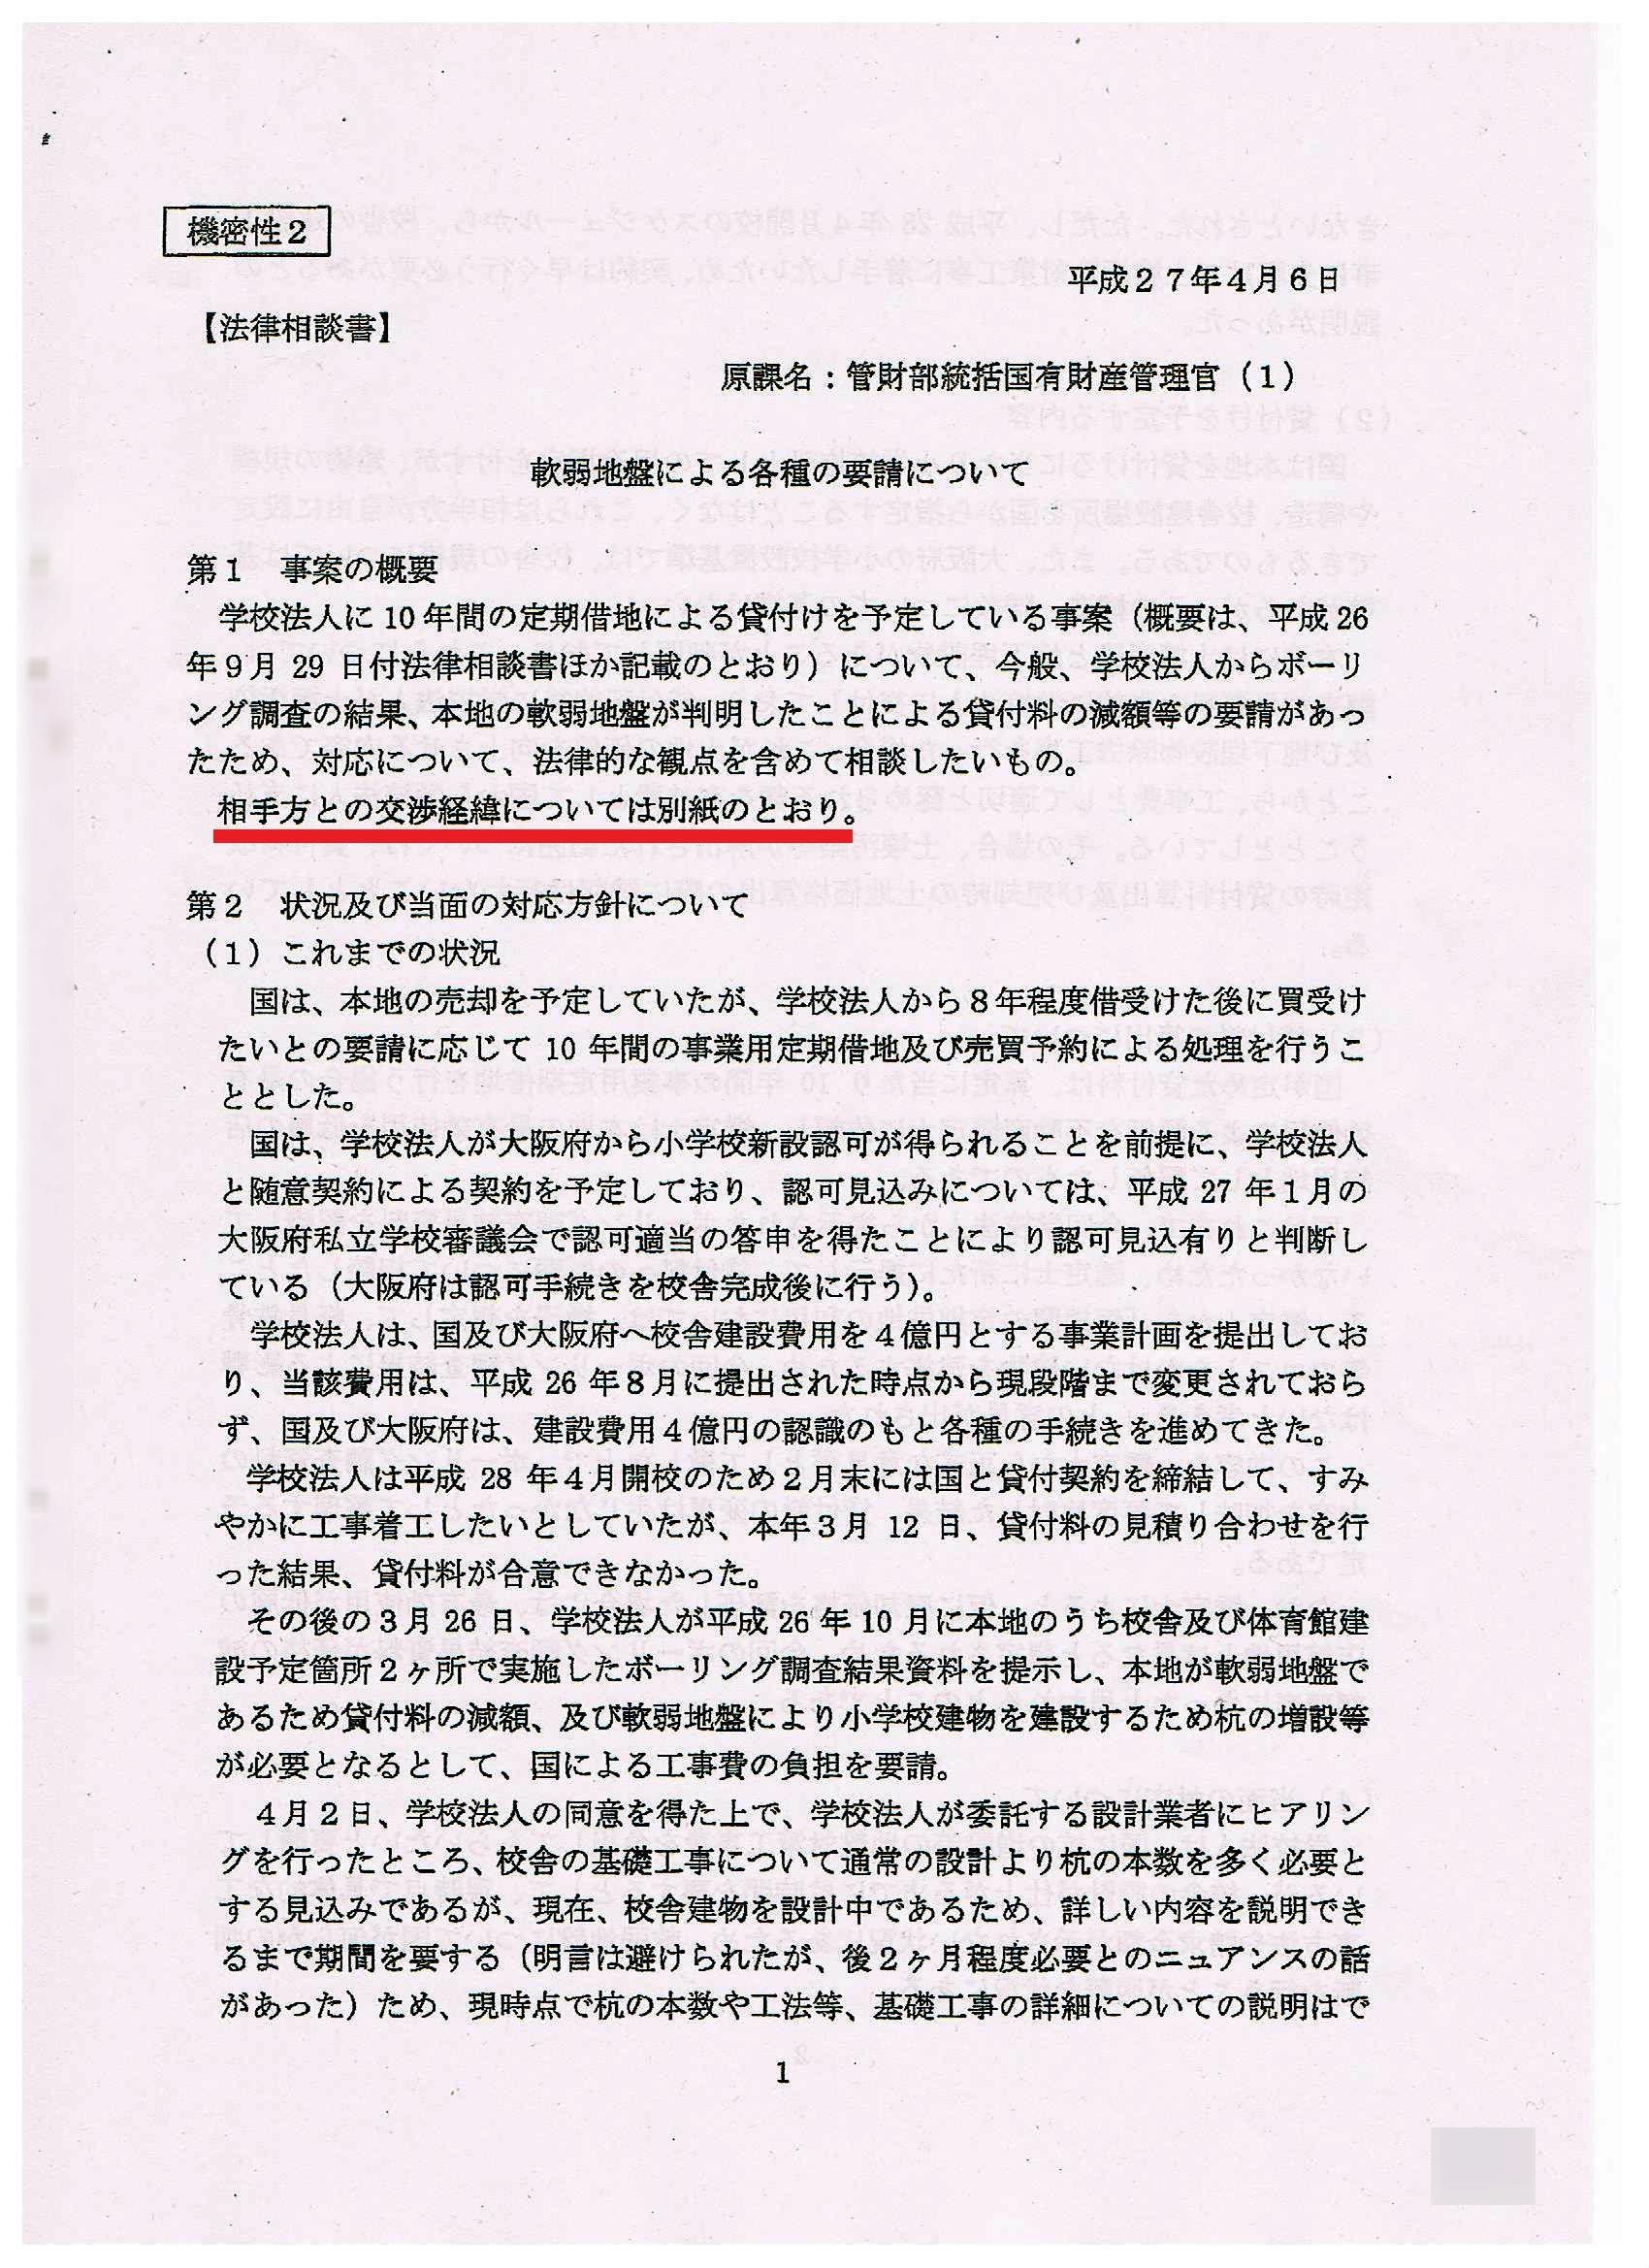 http://hunter-investigate.jp/news/277300ecc581d8cc53f5d8158c0a25411205d046.jpg